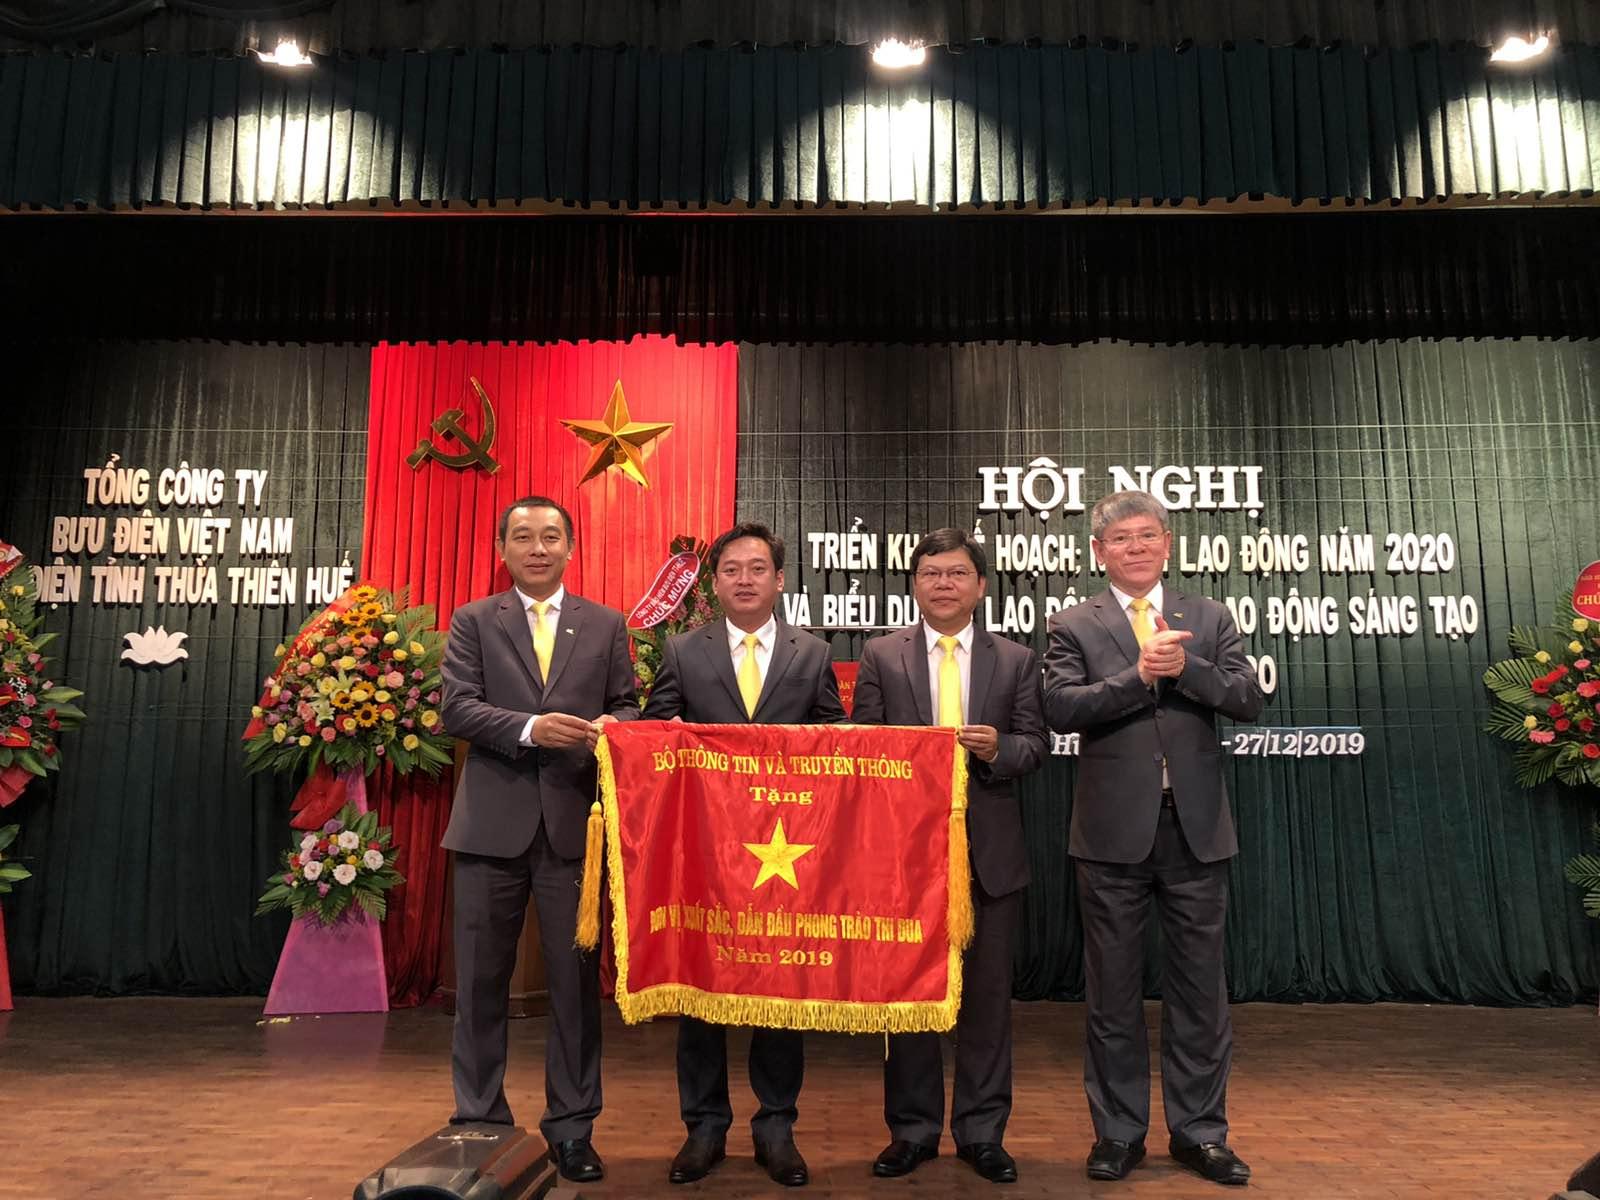 Bưu điện tỉnh Thừa Thiên Huế vinh dự đón nhận Cờ thi đua của Bộ Thông tin và Truyền thông về thành tích xuất sắc, dẫn đầu phong trào thi đua năm 2019